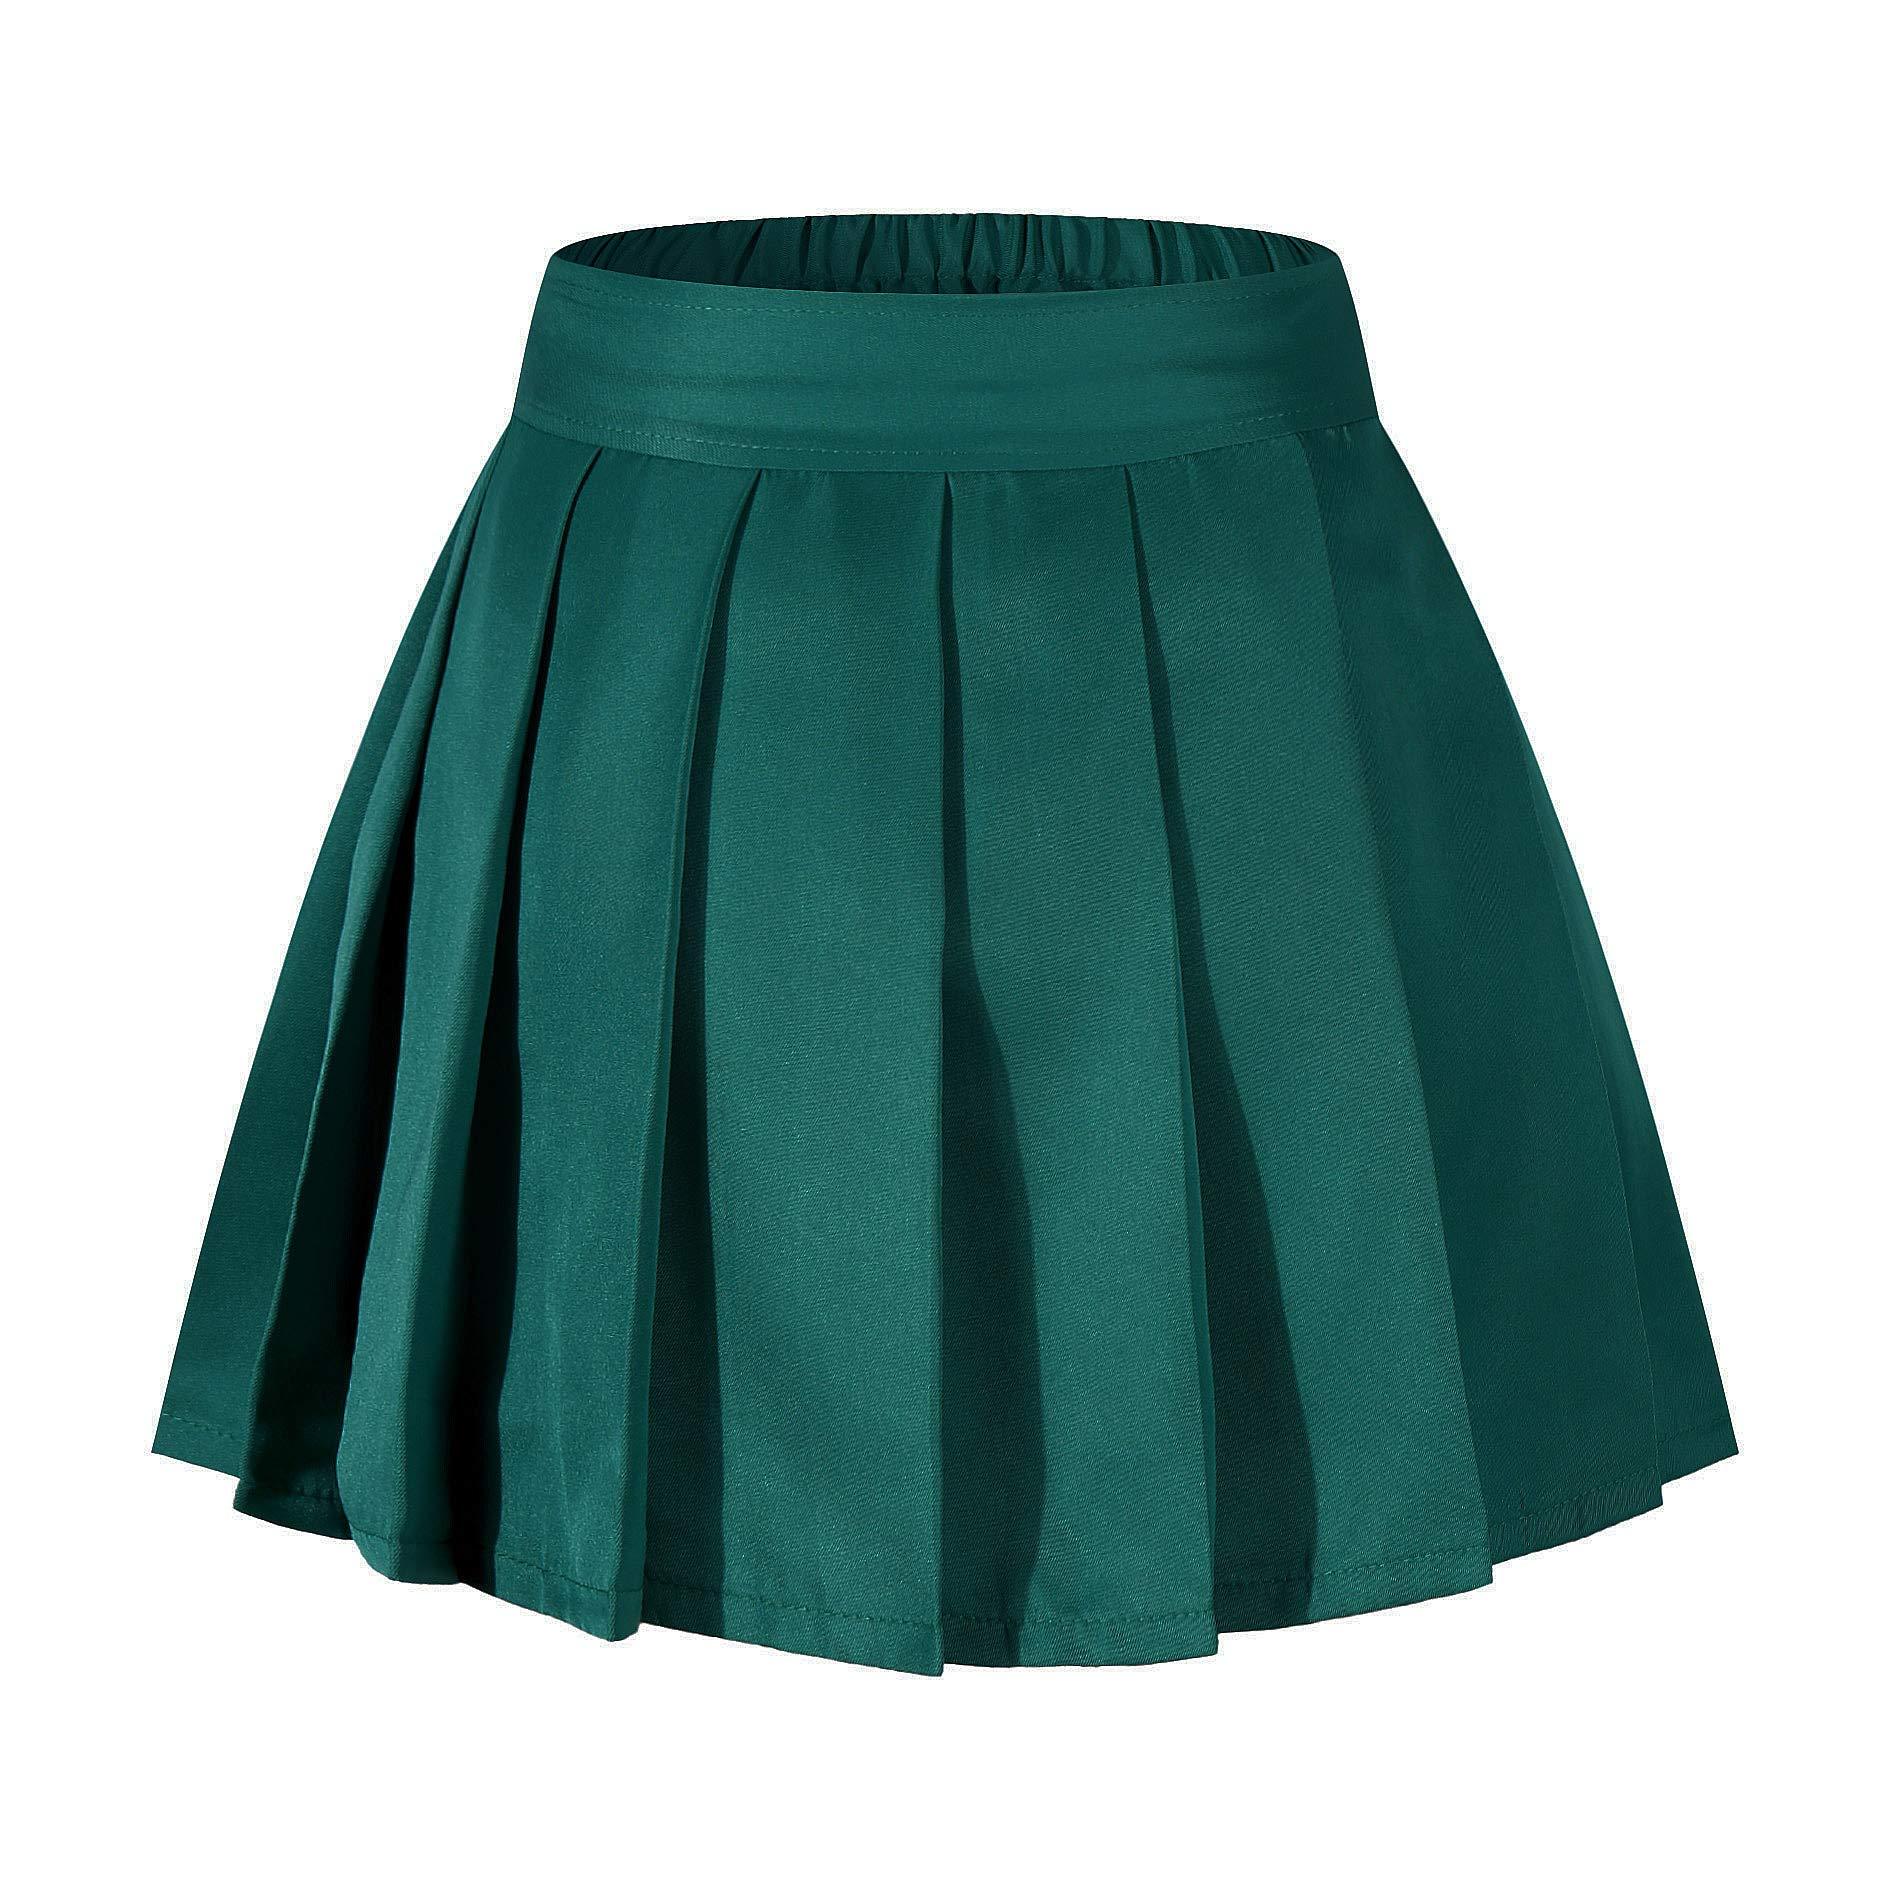 Girl's Pleated Mid A Line Street Skirt Skater Pleated Full Midi Skirt Dark Green,S